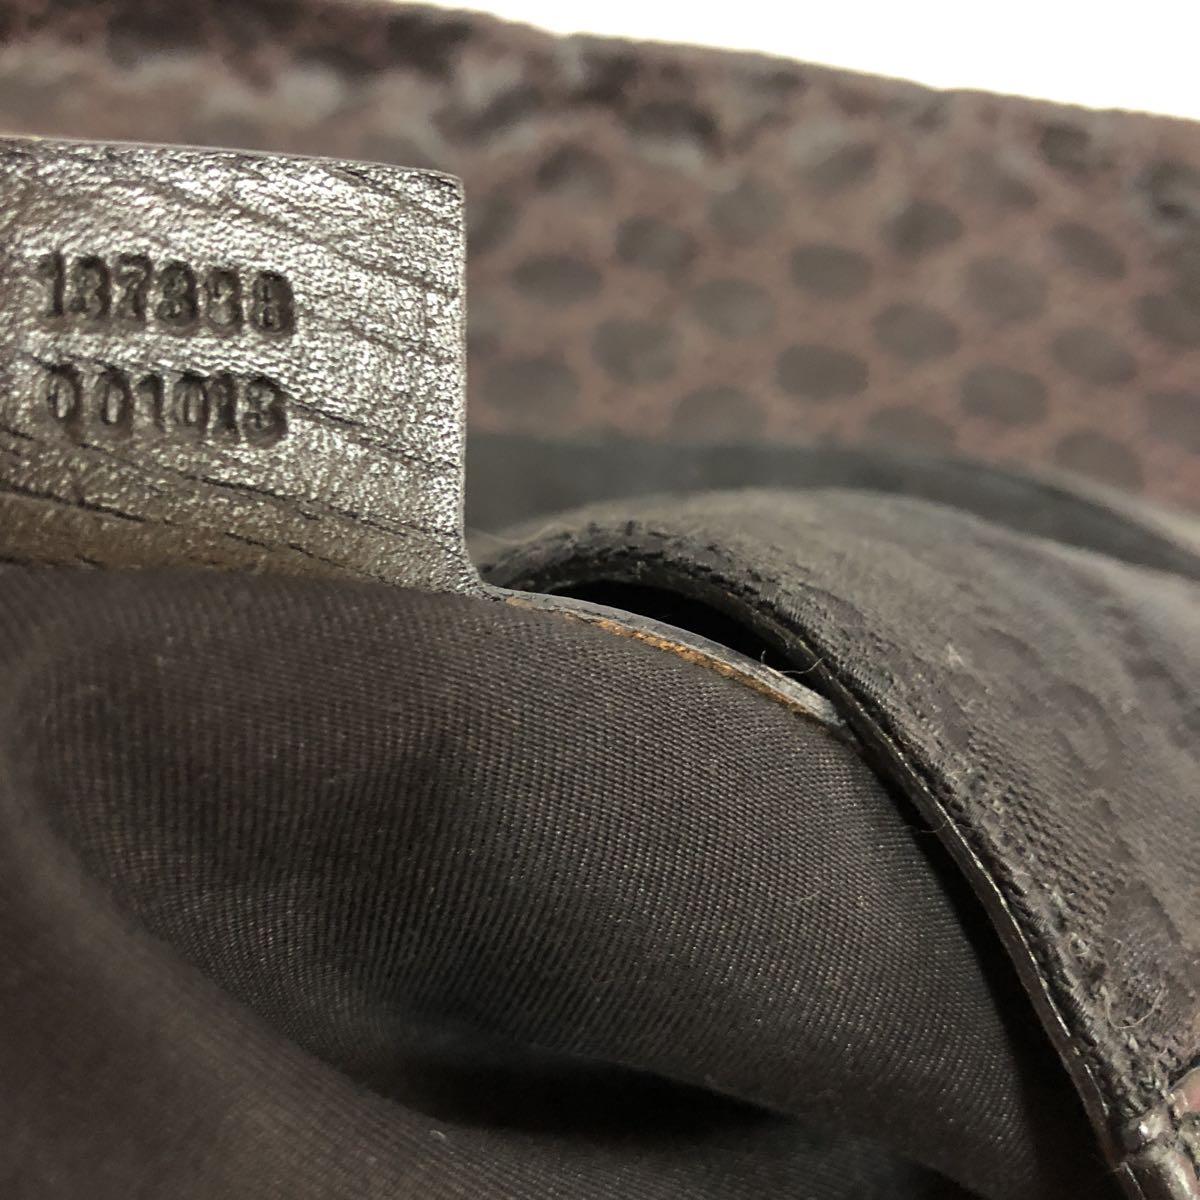 良品 GUCCI グッチ ハンドバック バック バッグ カバン ワンショル GG 金具 保存袋あり 1円~_画像8